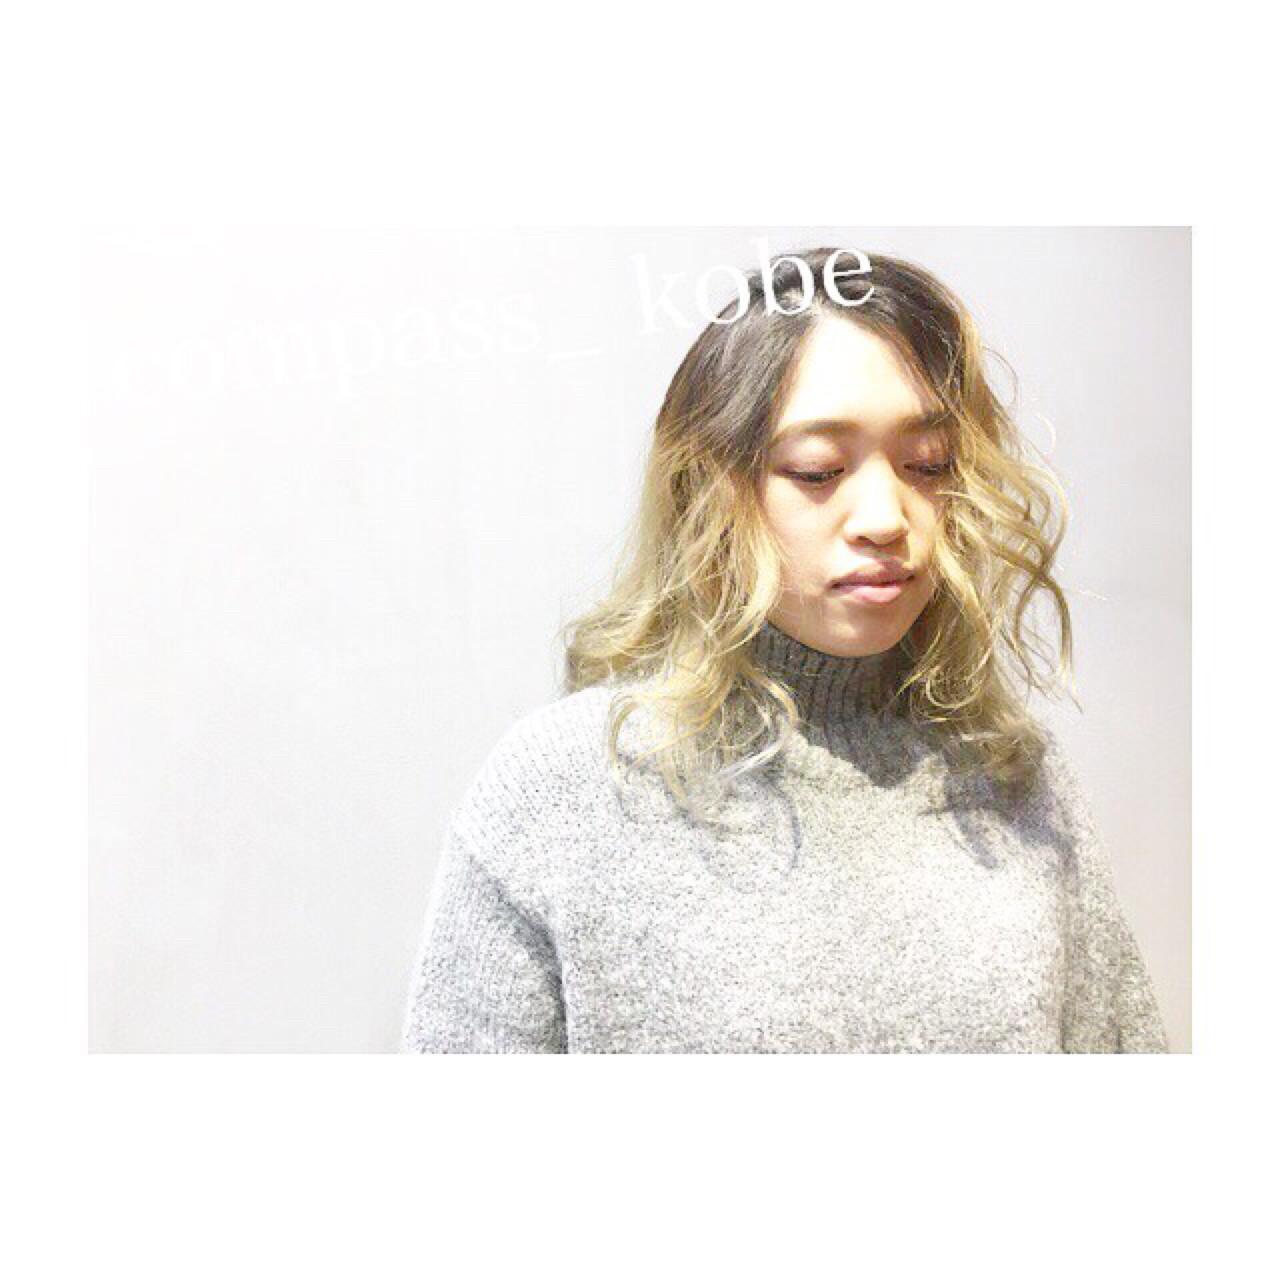 ロブヘア × 外国人風 グラデーションカラー☆ スタッフ募集中♫